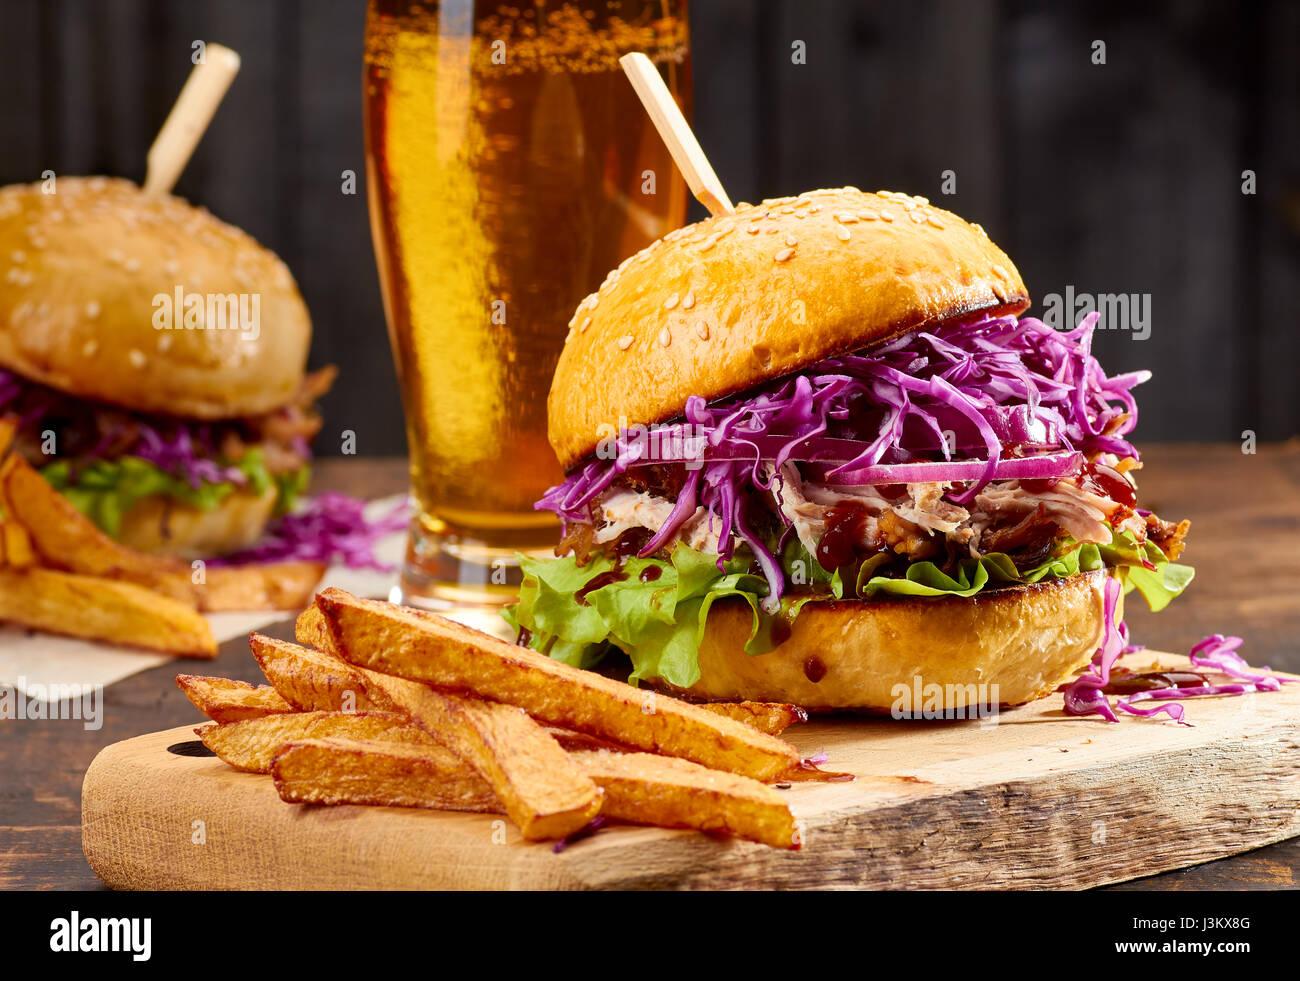 Zwei Sandwiches mit gezogenes Schweinefleisch, Pommes Frites und Glas Bier auf hölzernen Hintergrund Stockbild